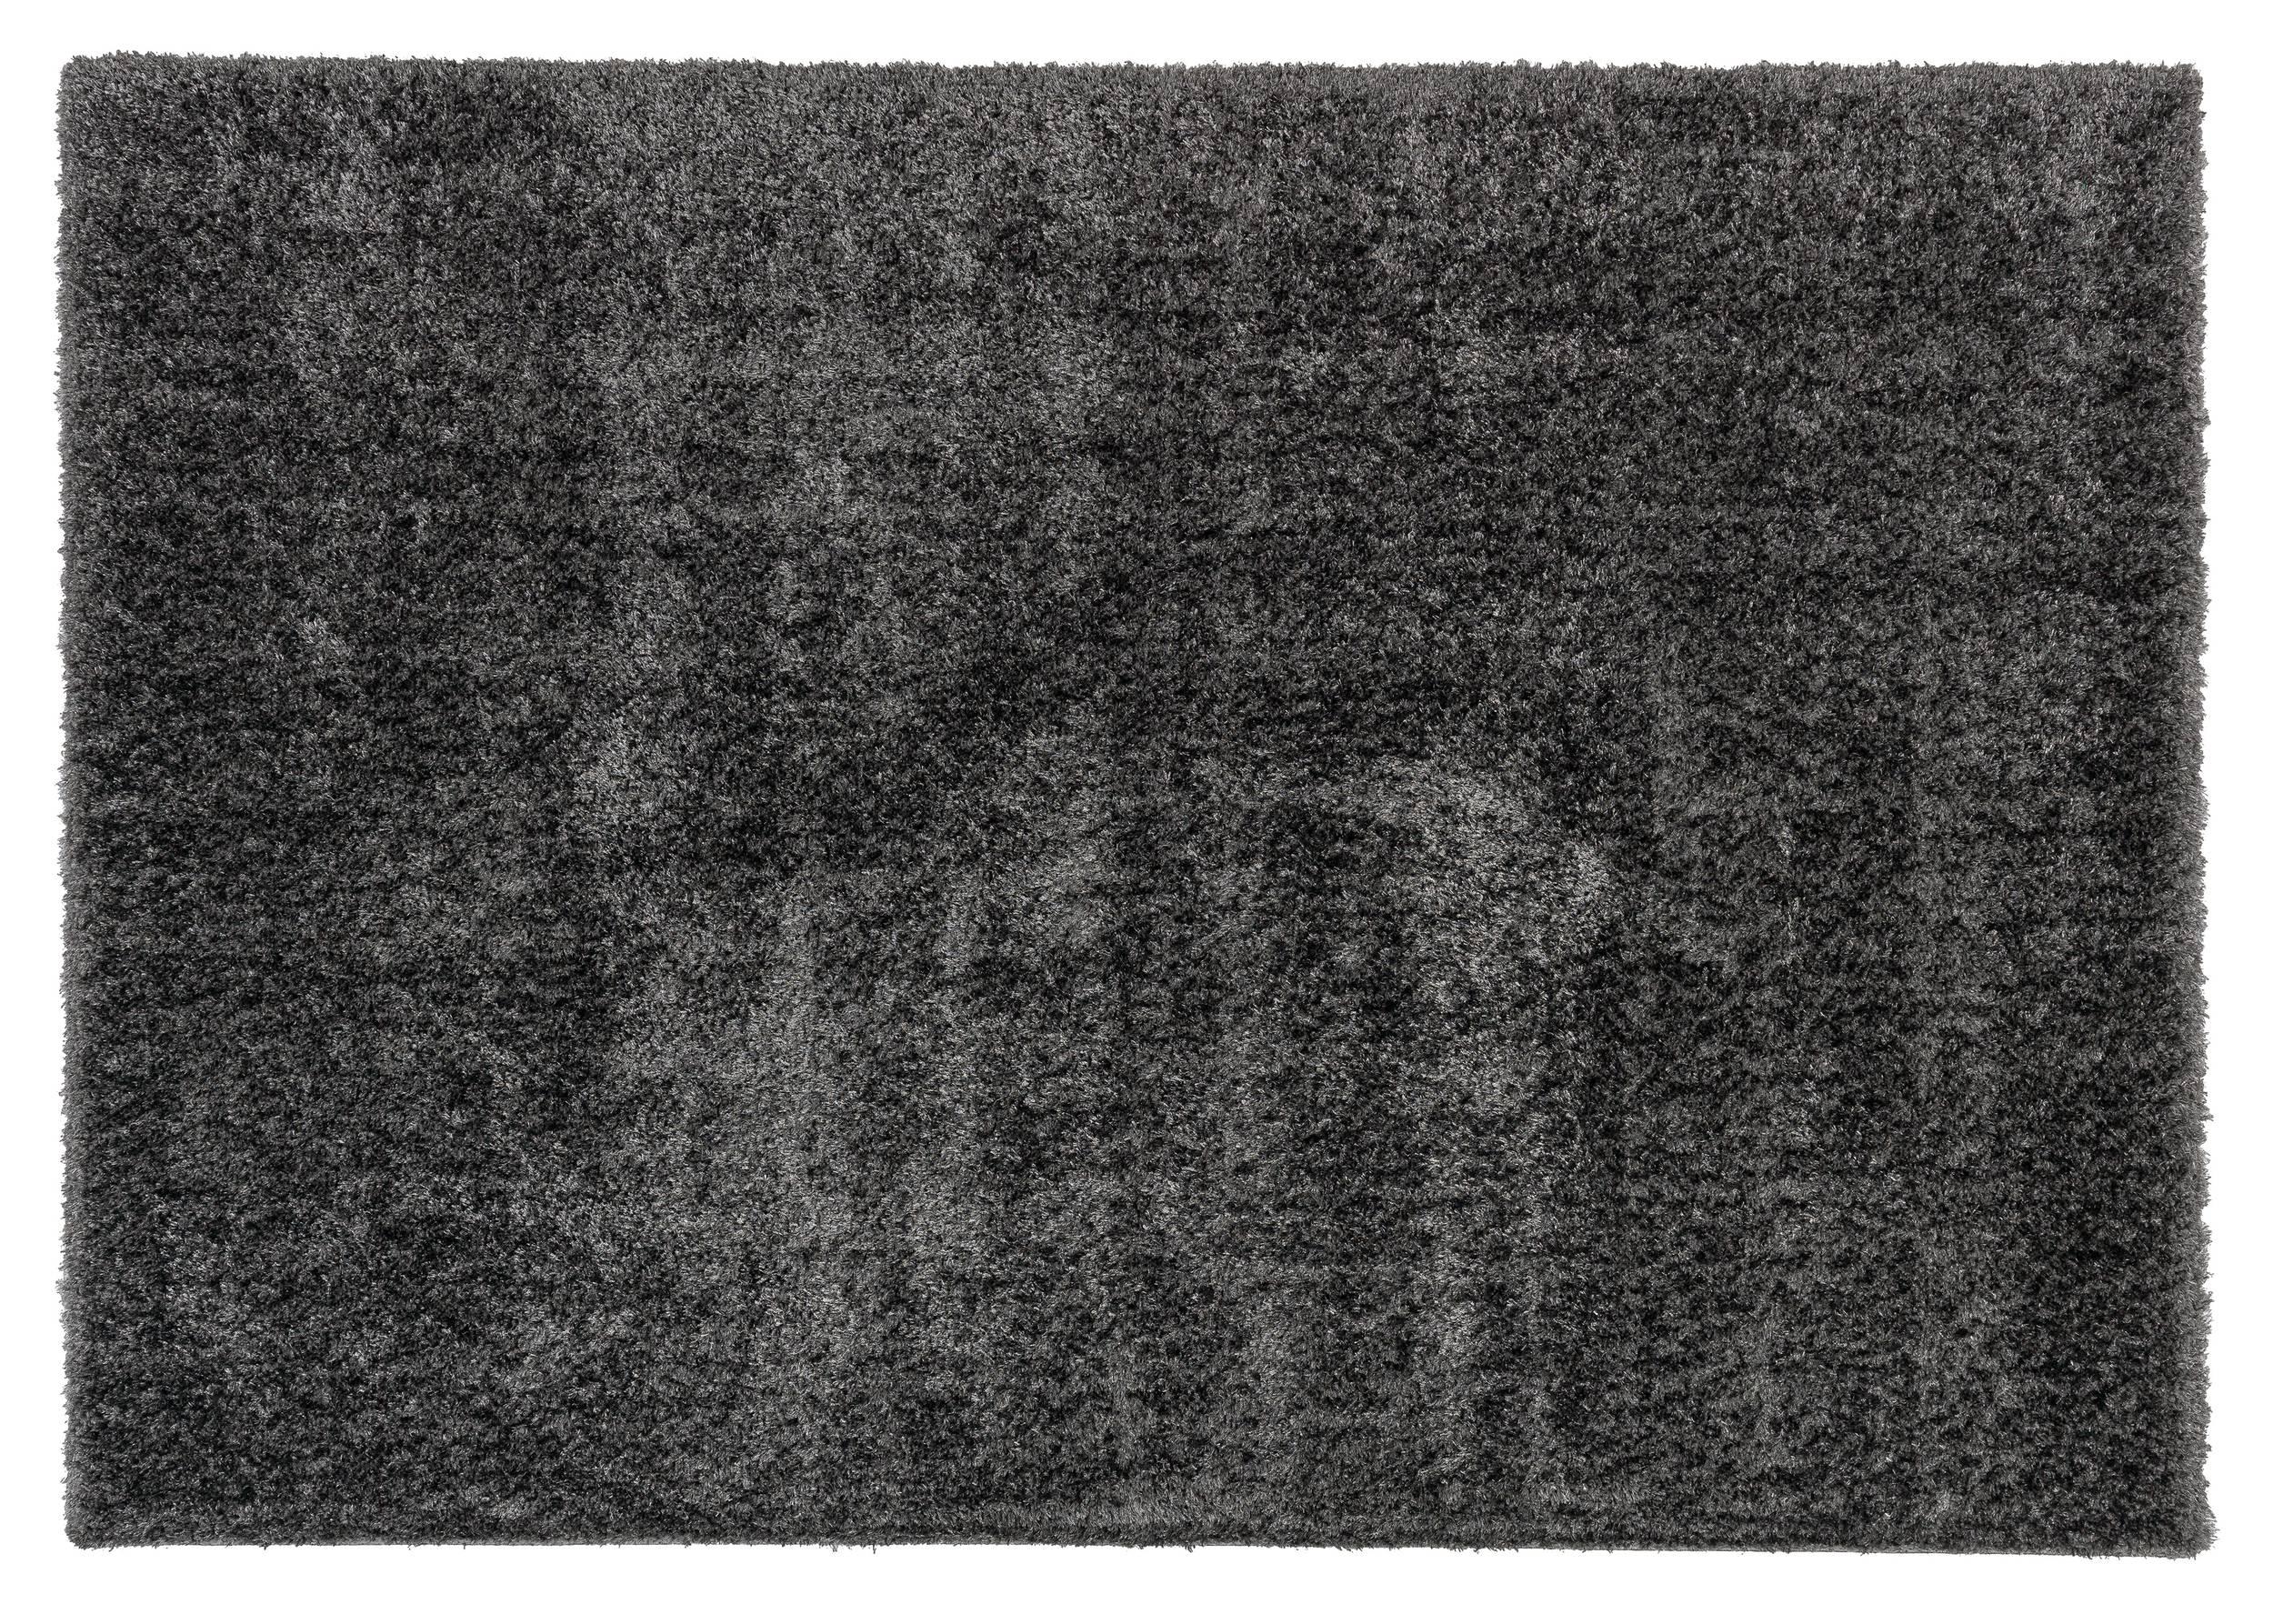 wm Teppich 67x130cm MATERA